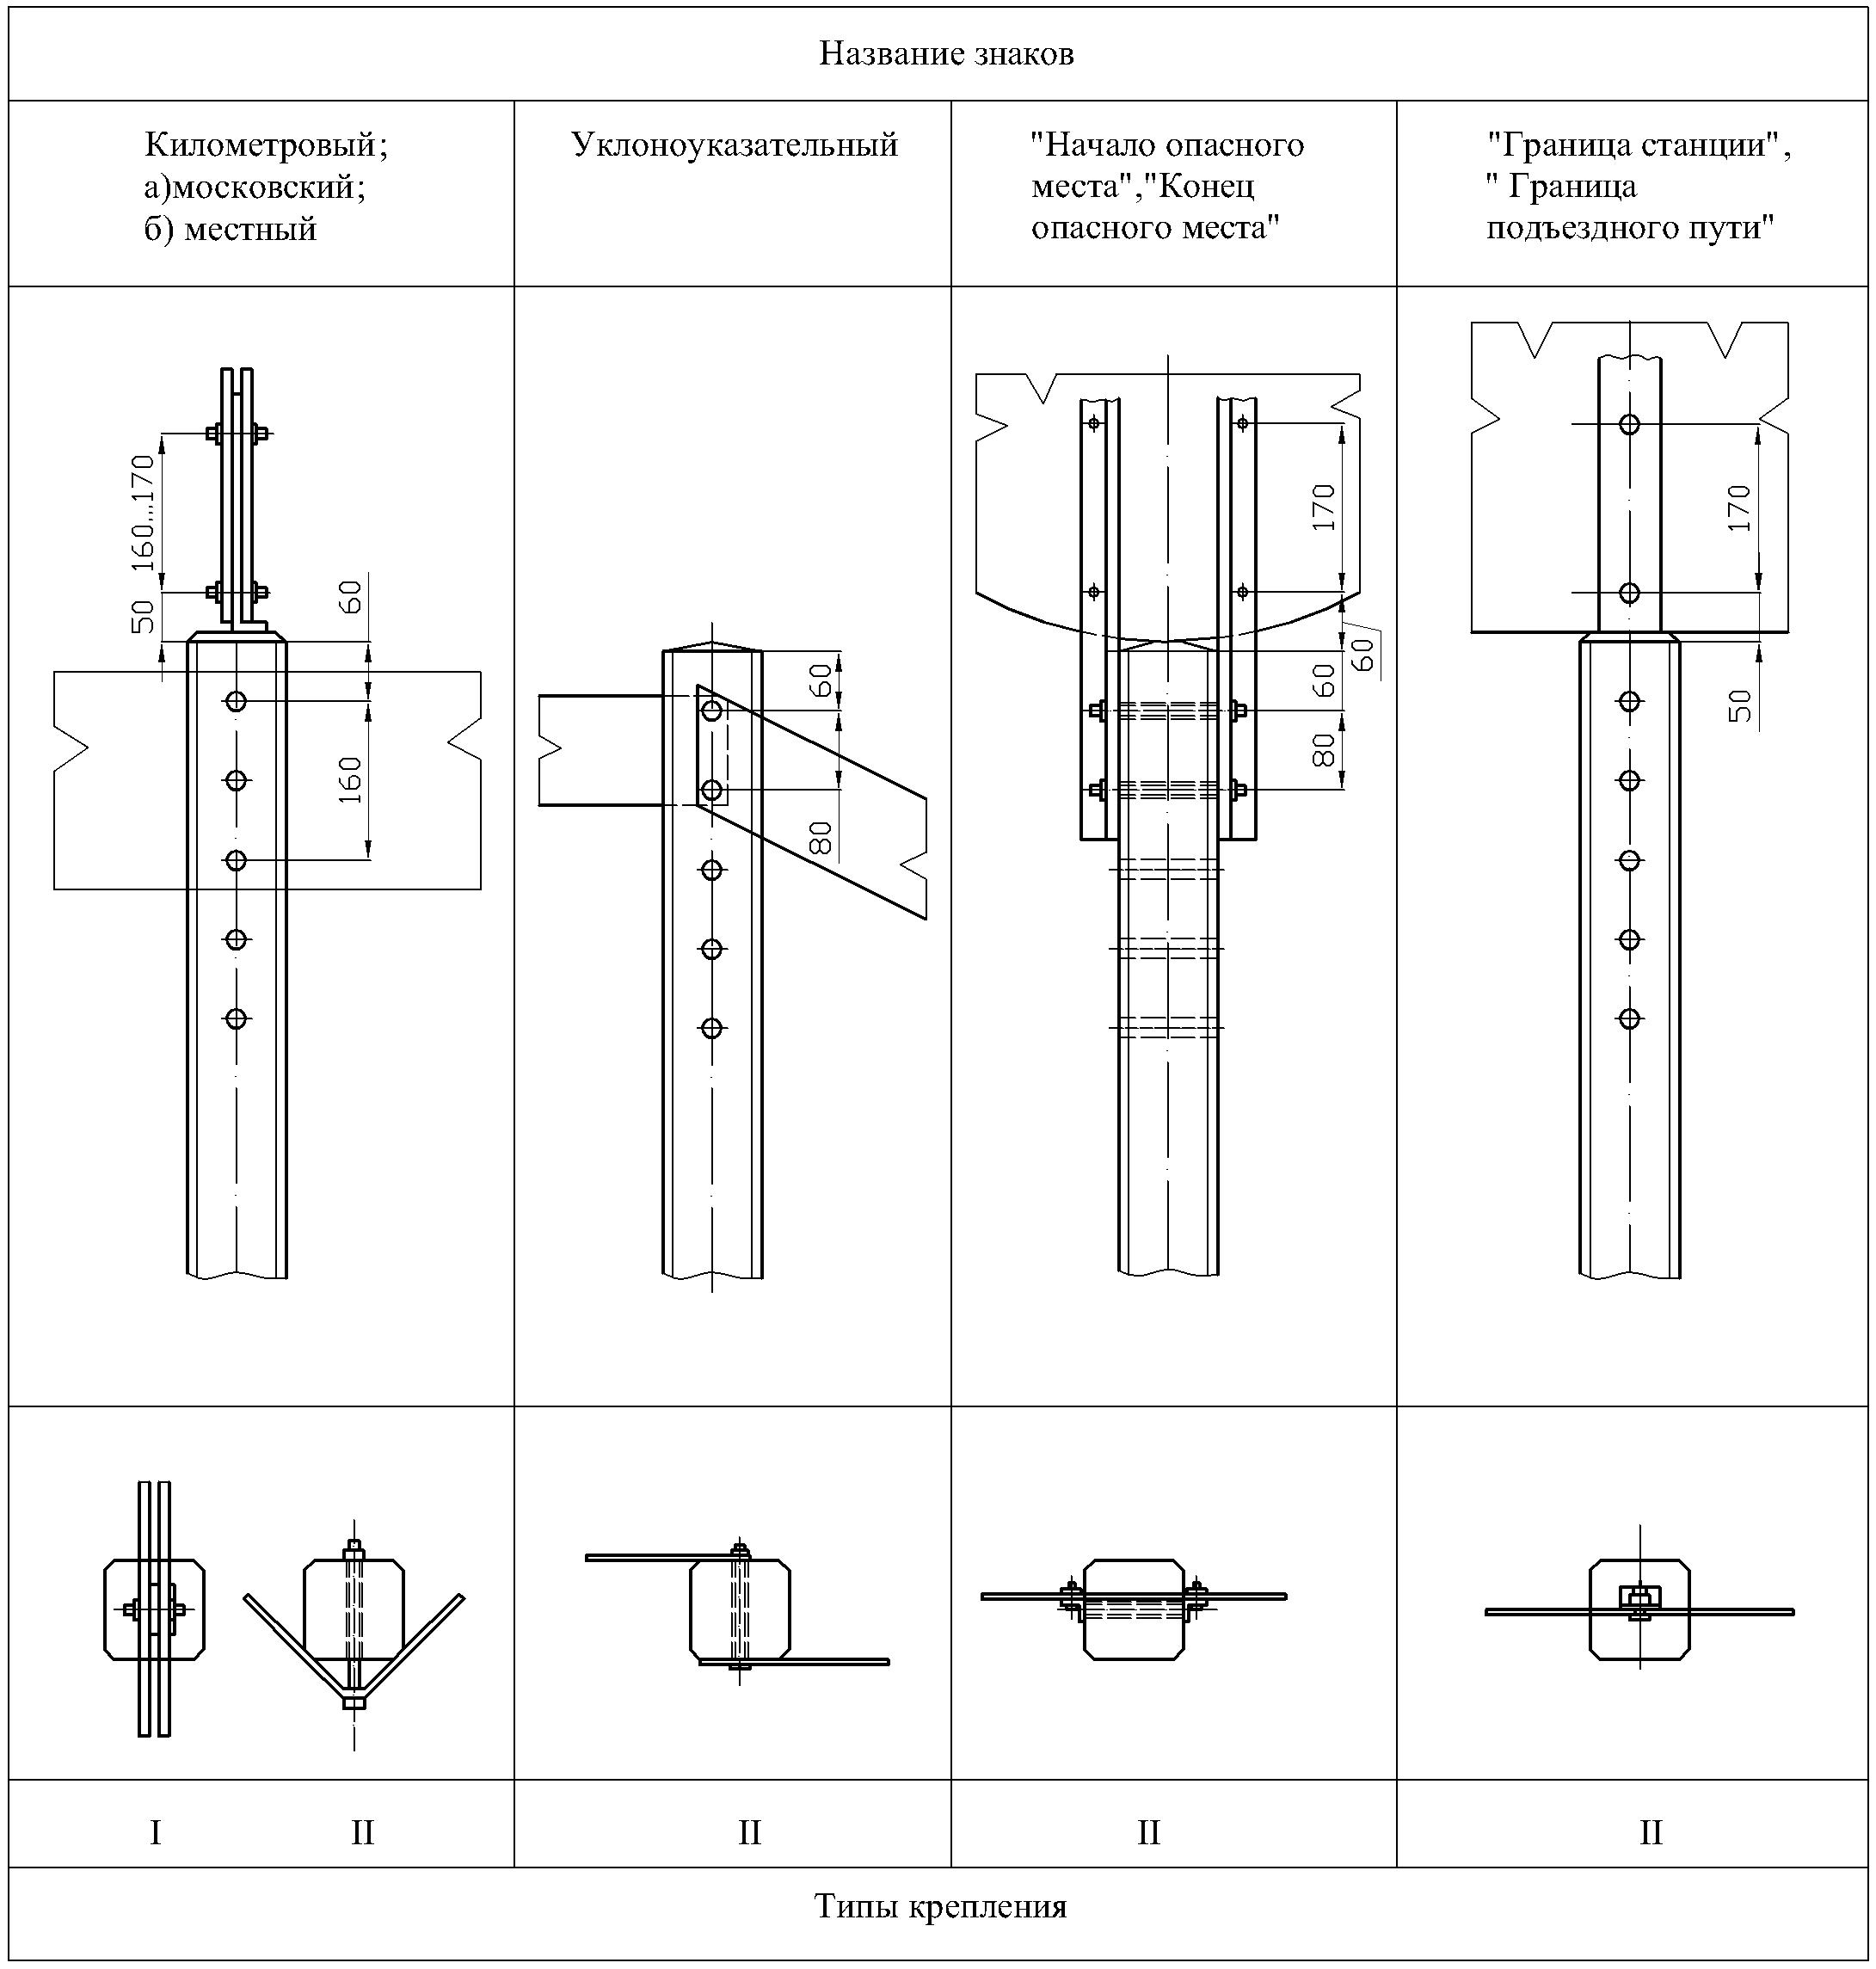 Рисунок 65. Крепление путевых и сигнальных знаков на железобетонных столбах